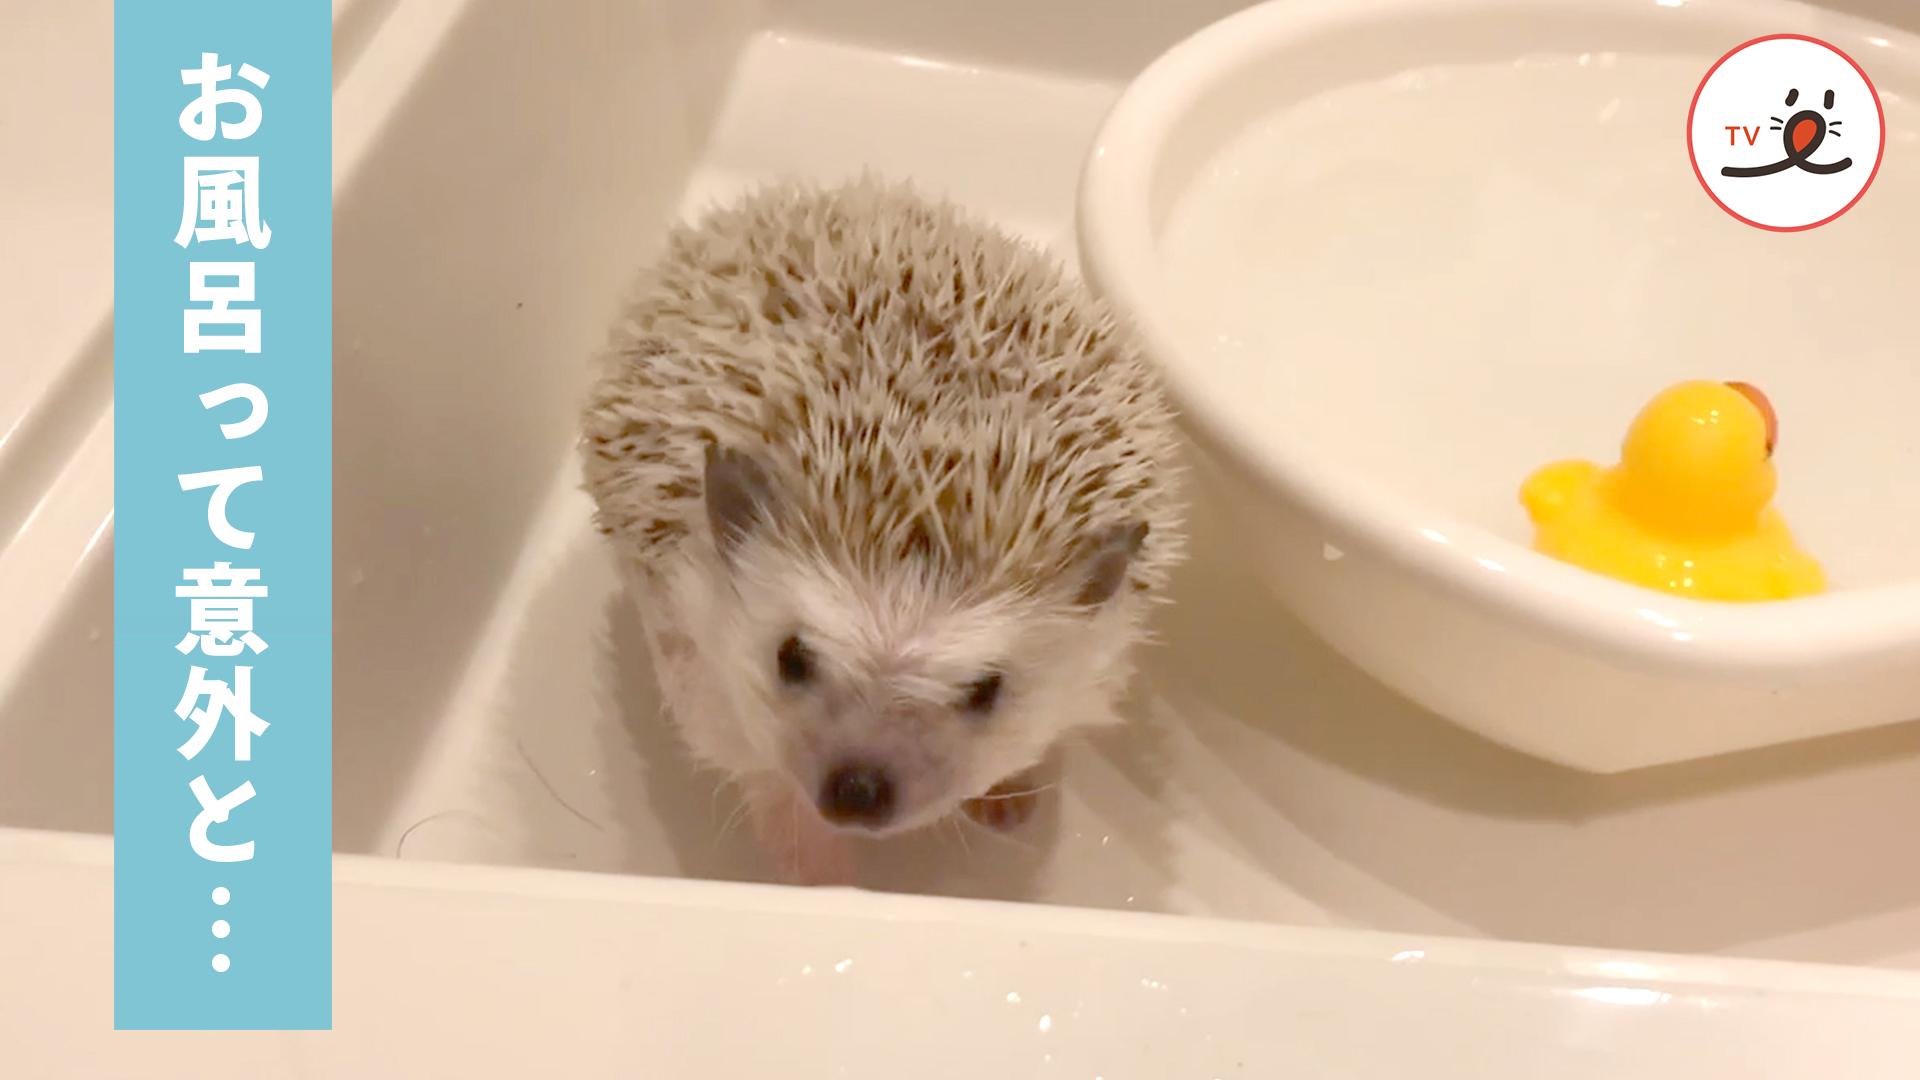 お風呂って意外と気持ちいいかも💕 お風呂の気持ち良さを知ったハリネズミ✨